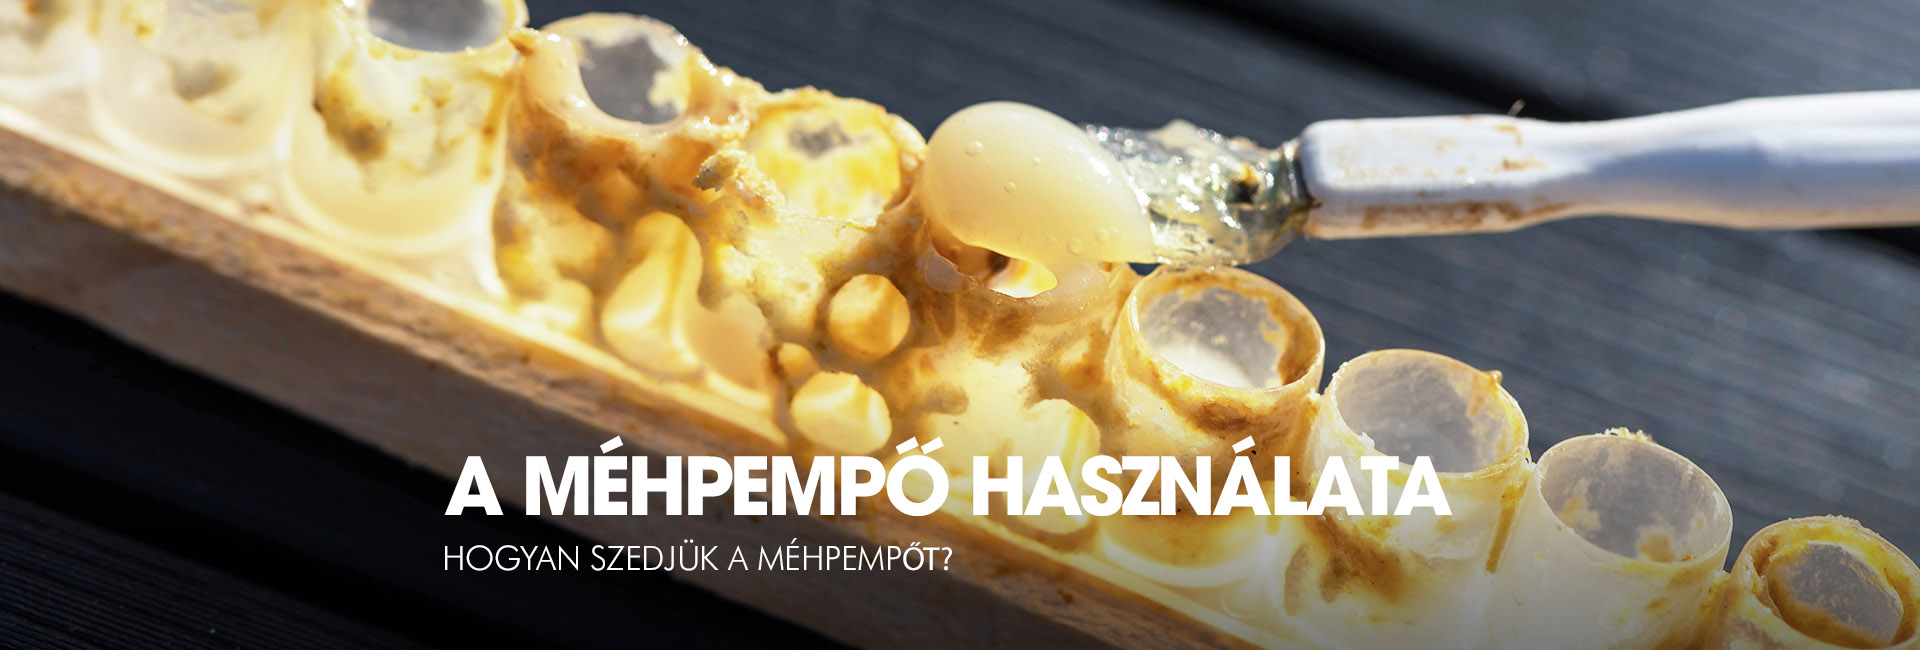 mehpempo-slider-72